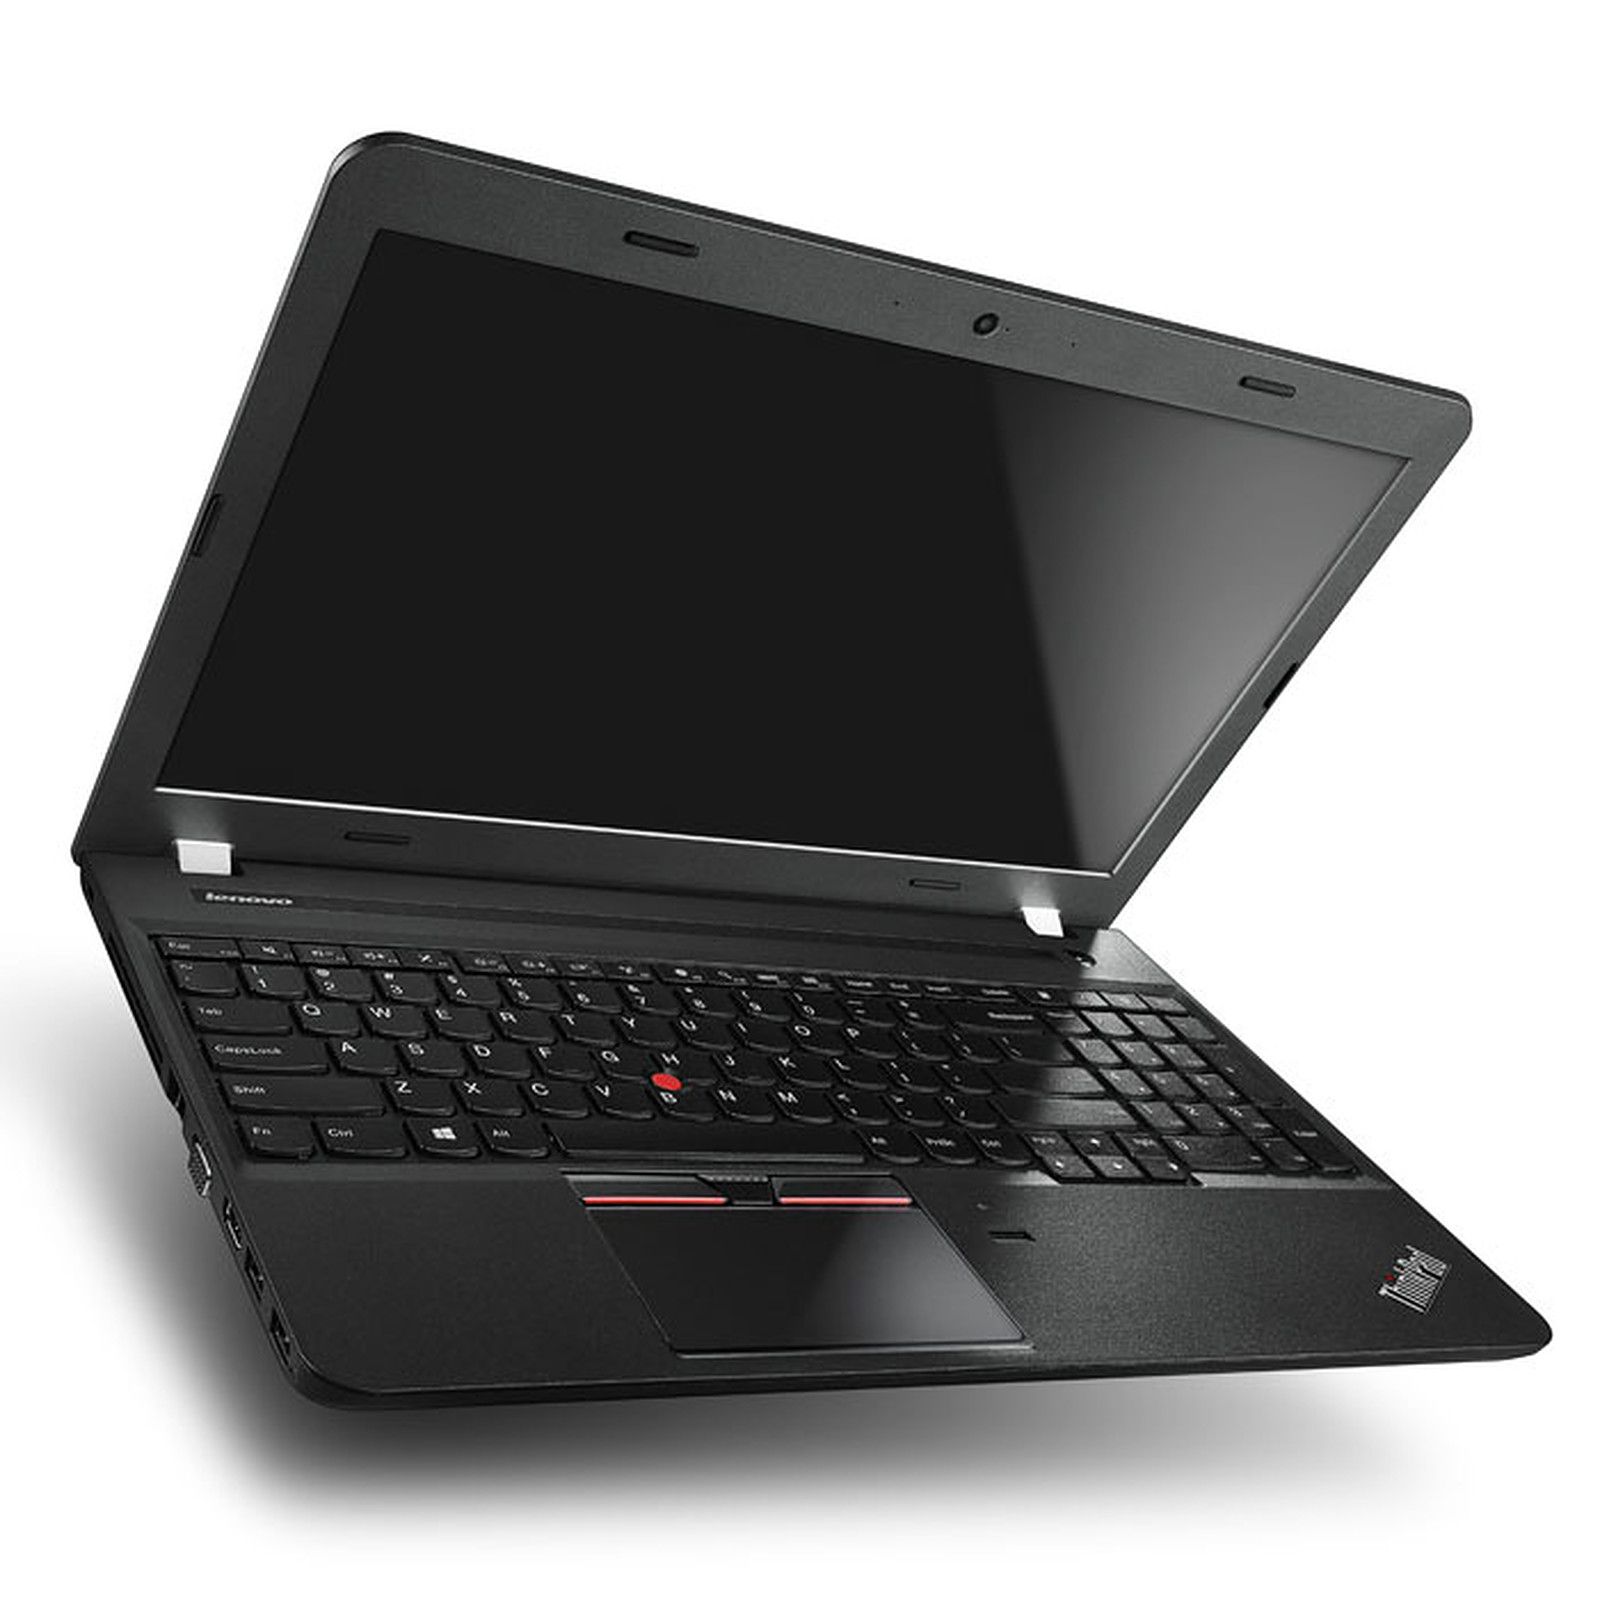 Lenovo ThinkPad E550 (20DF00CNFR)